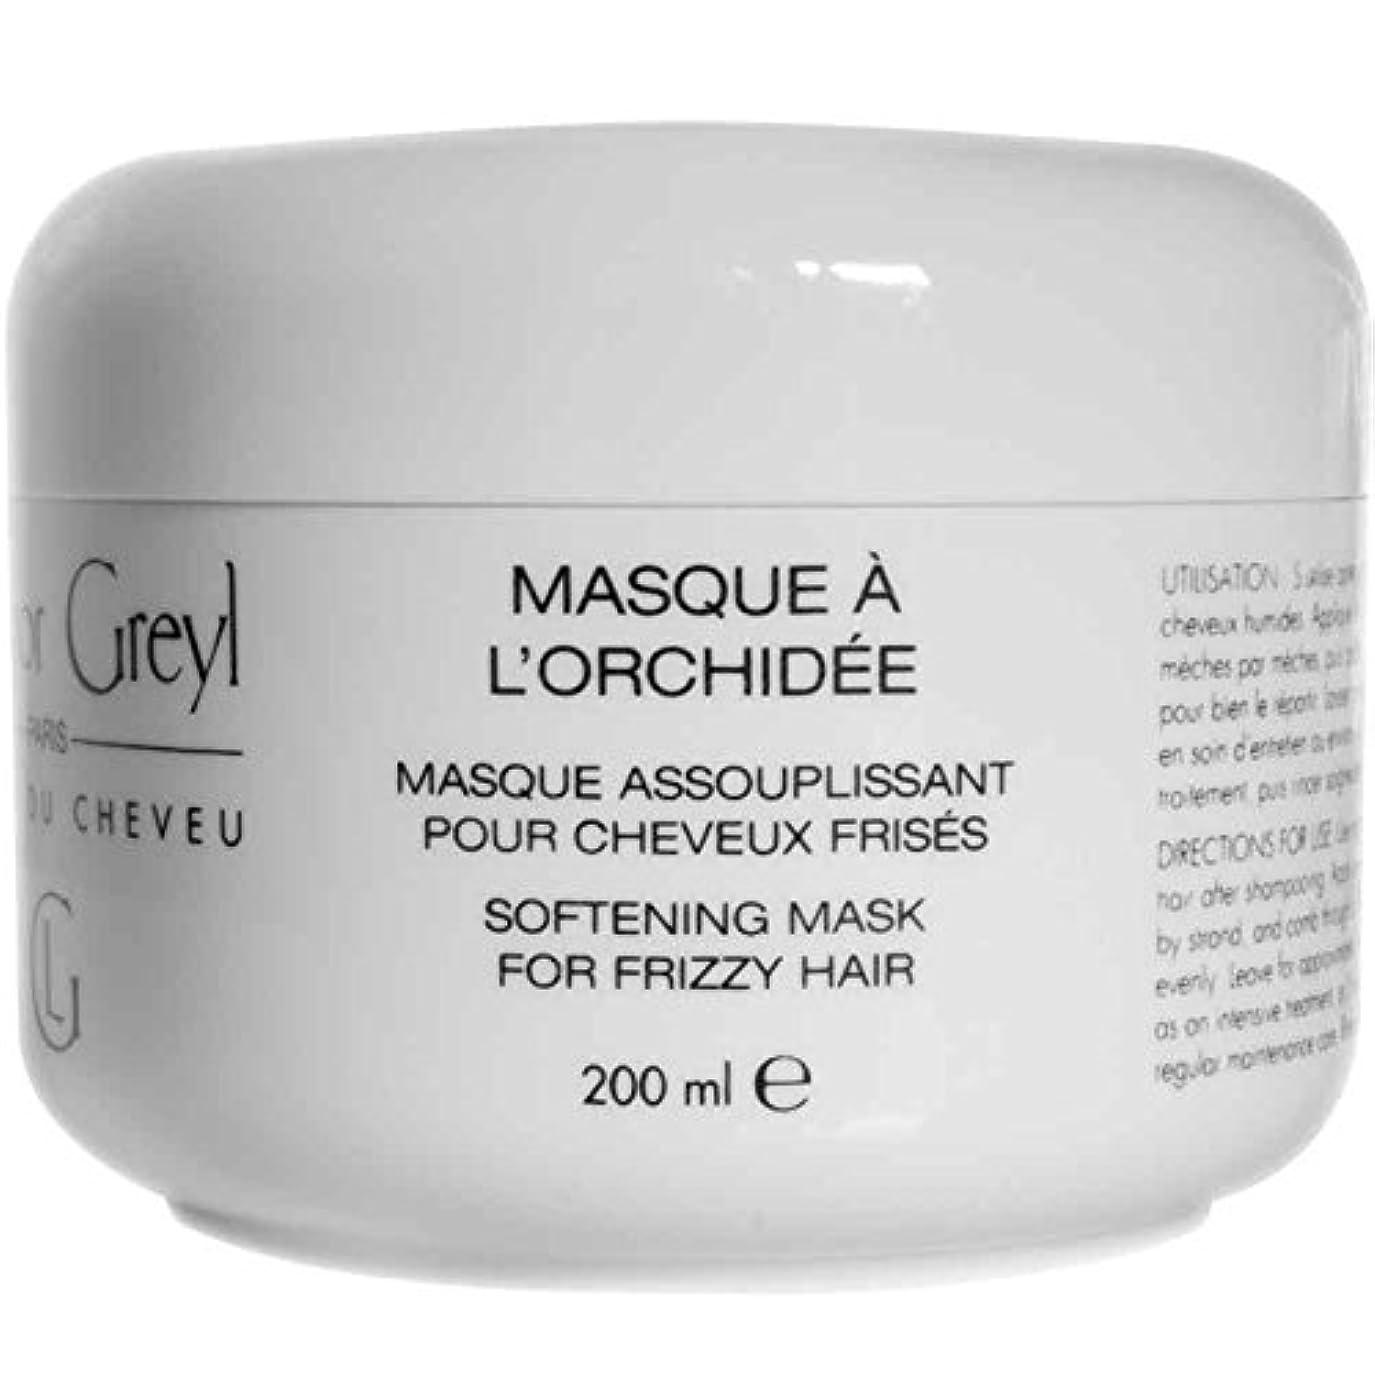 大事にする長さ座る[レオノール グレユ] マスク O (オルキデ) (くせ毛用ヘアマスク)[LEONOR GREYL] MASQUE A L'ORCHIDEE 200ml [海外直送品][フランス直送品] [並行輸入品]